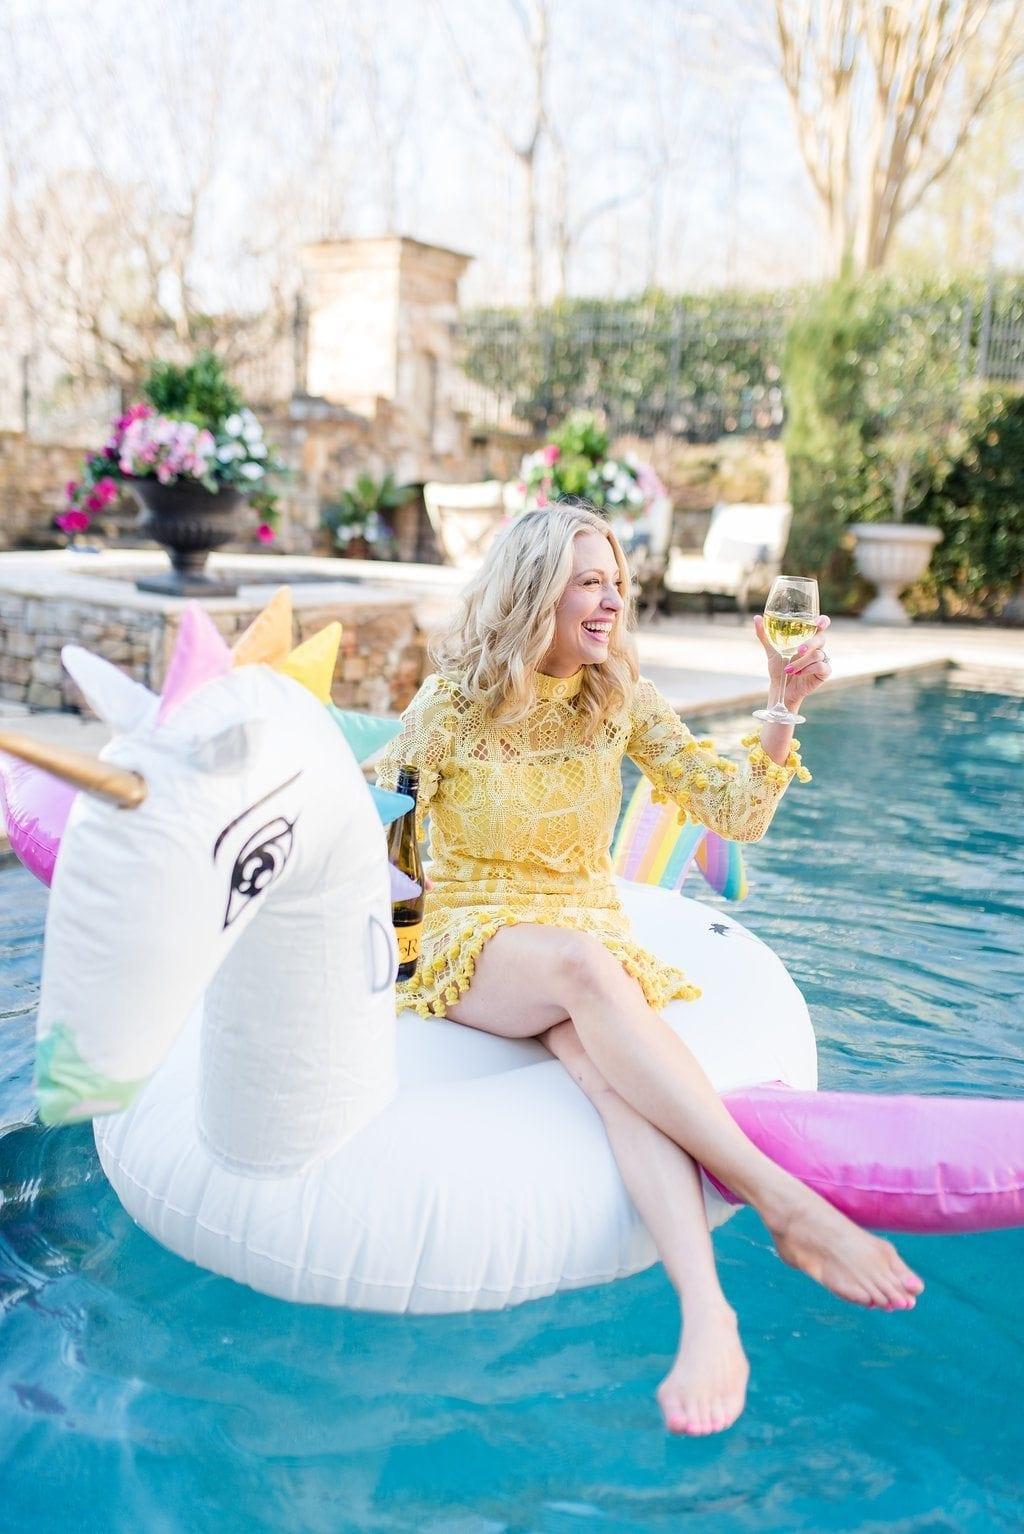 Rainbow unicorn pool float.